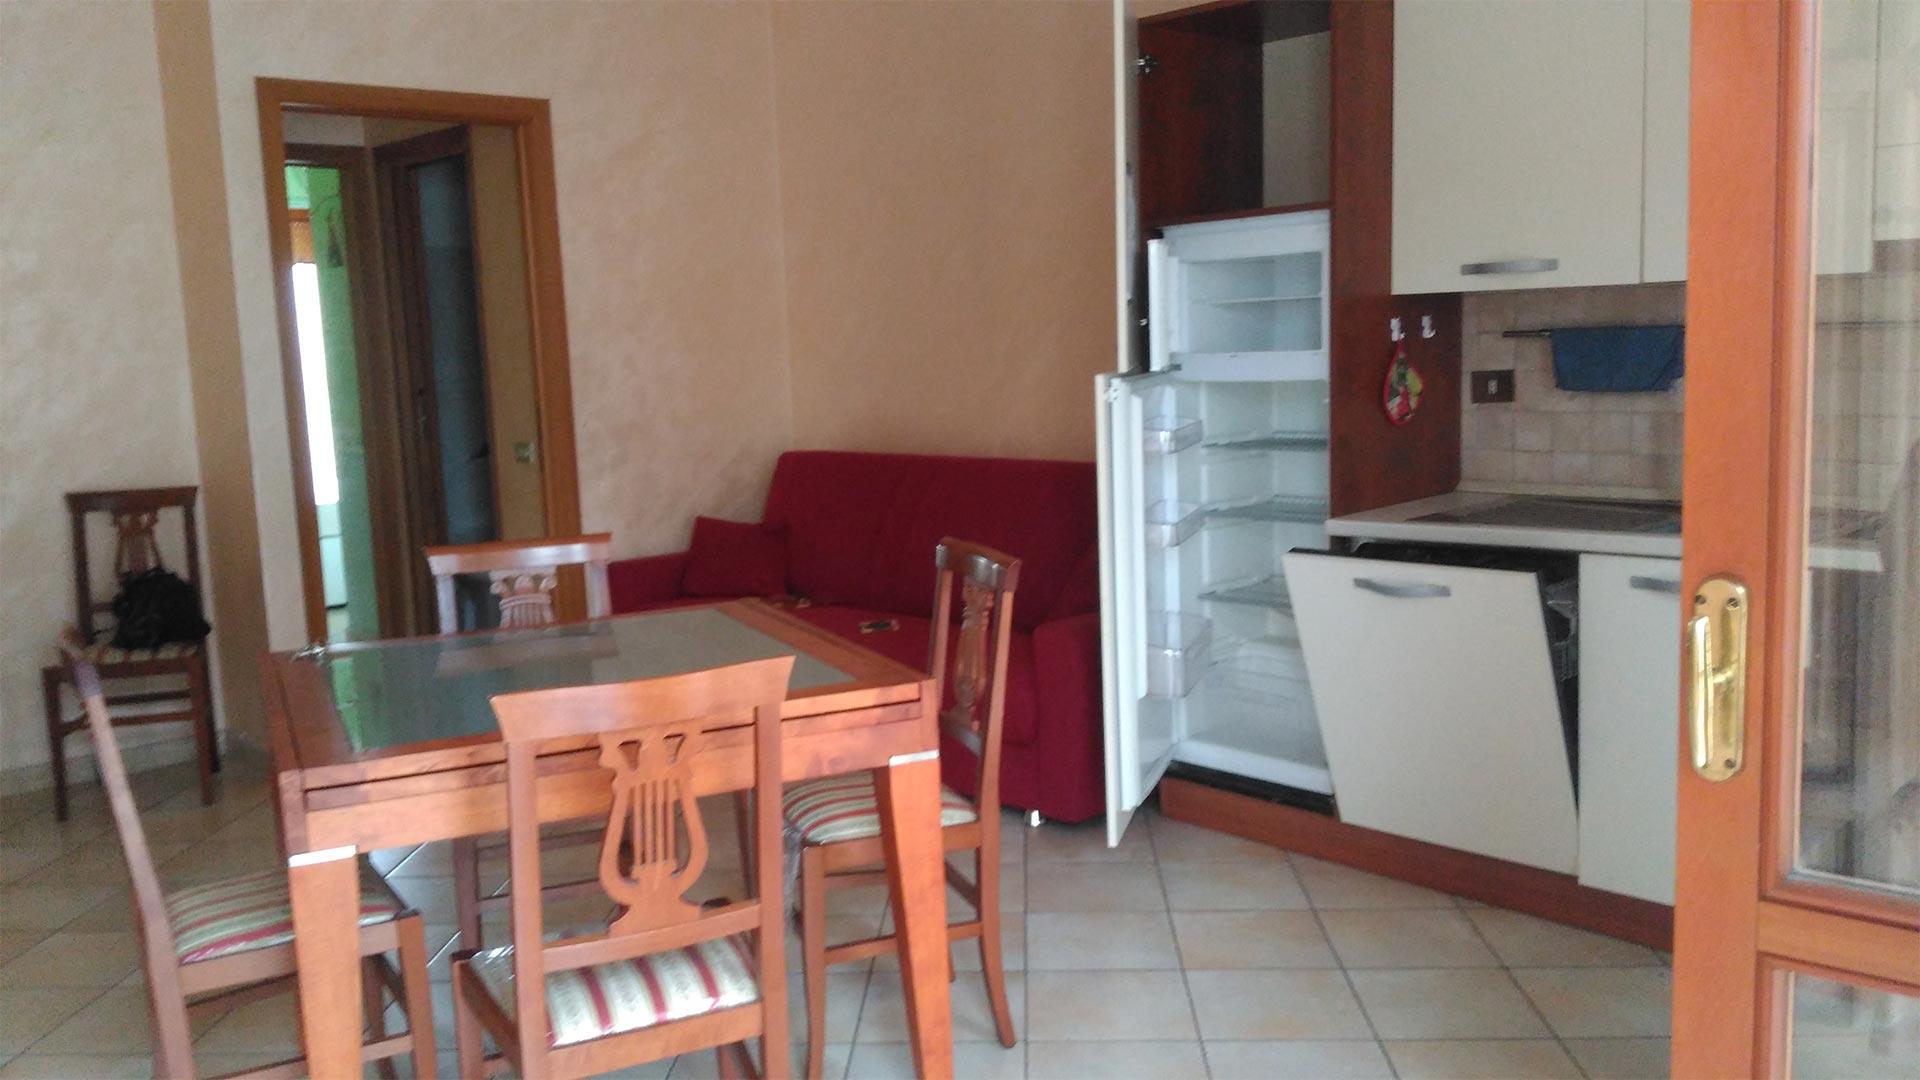 Affitto appartamento bilocale portuense roma residenze for Affitto bilocale arredato